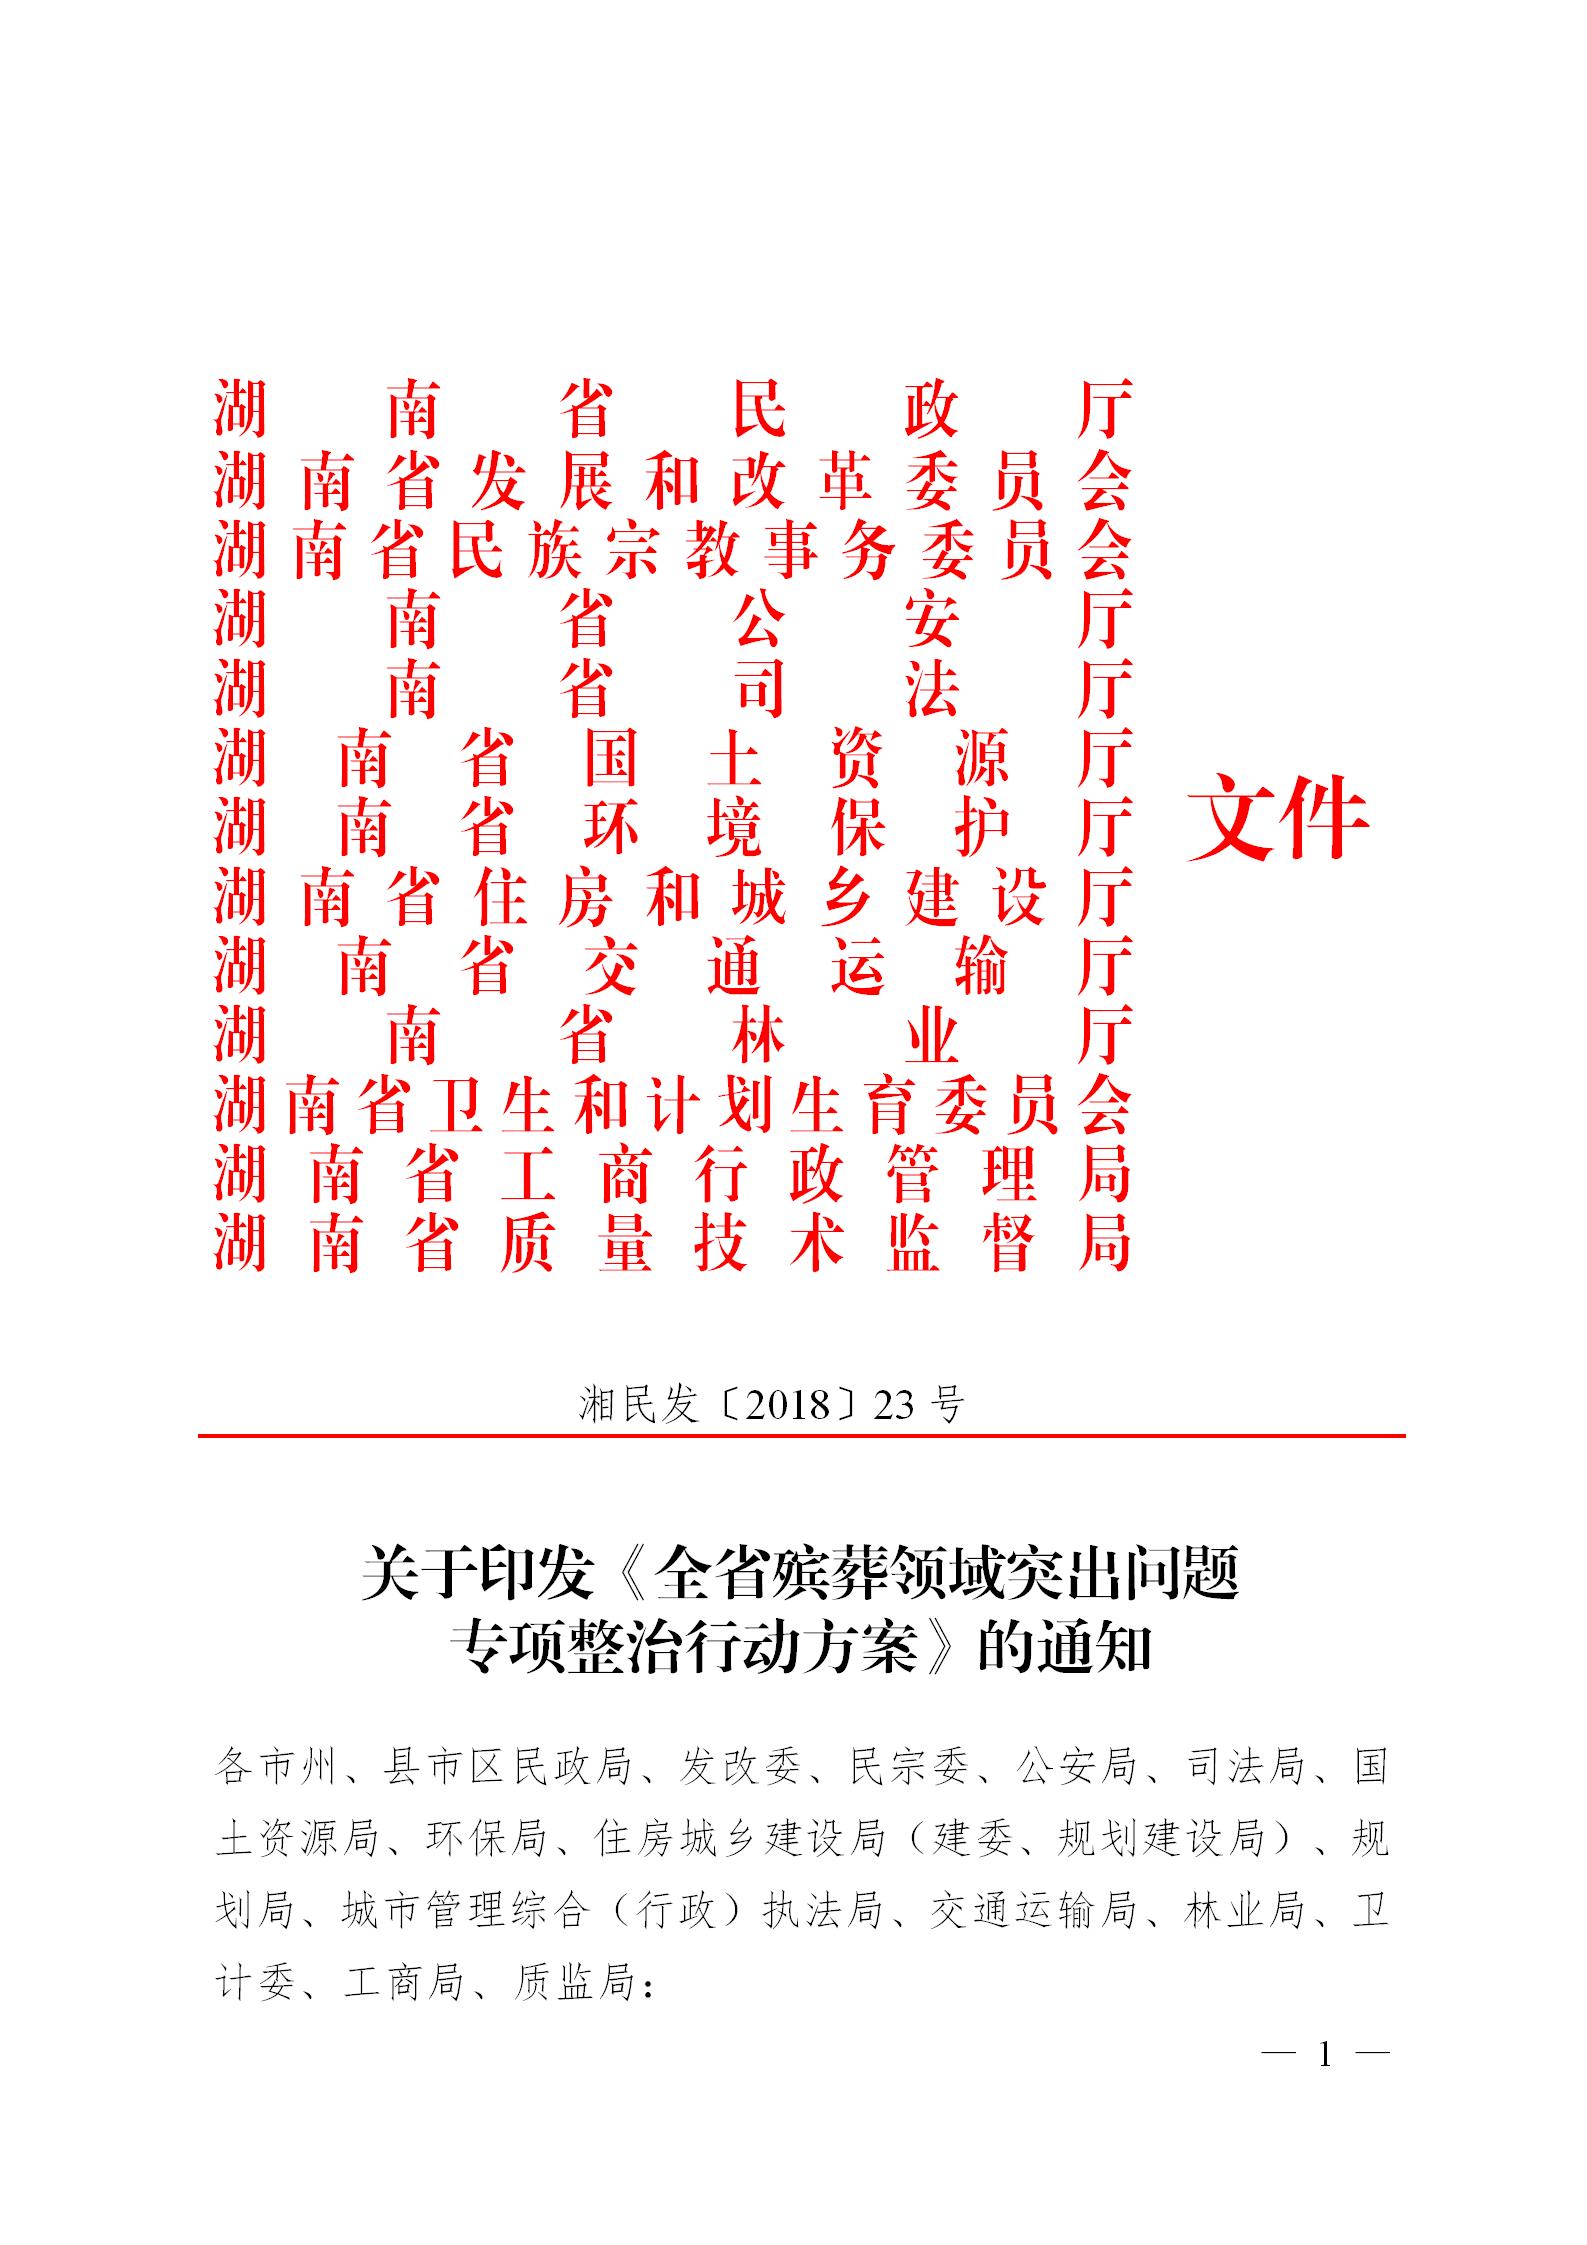 湘民发[2018]23号全省殡葬领域突出问题专项整治行动工作方案_01.png